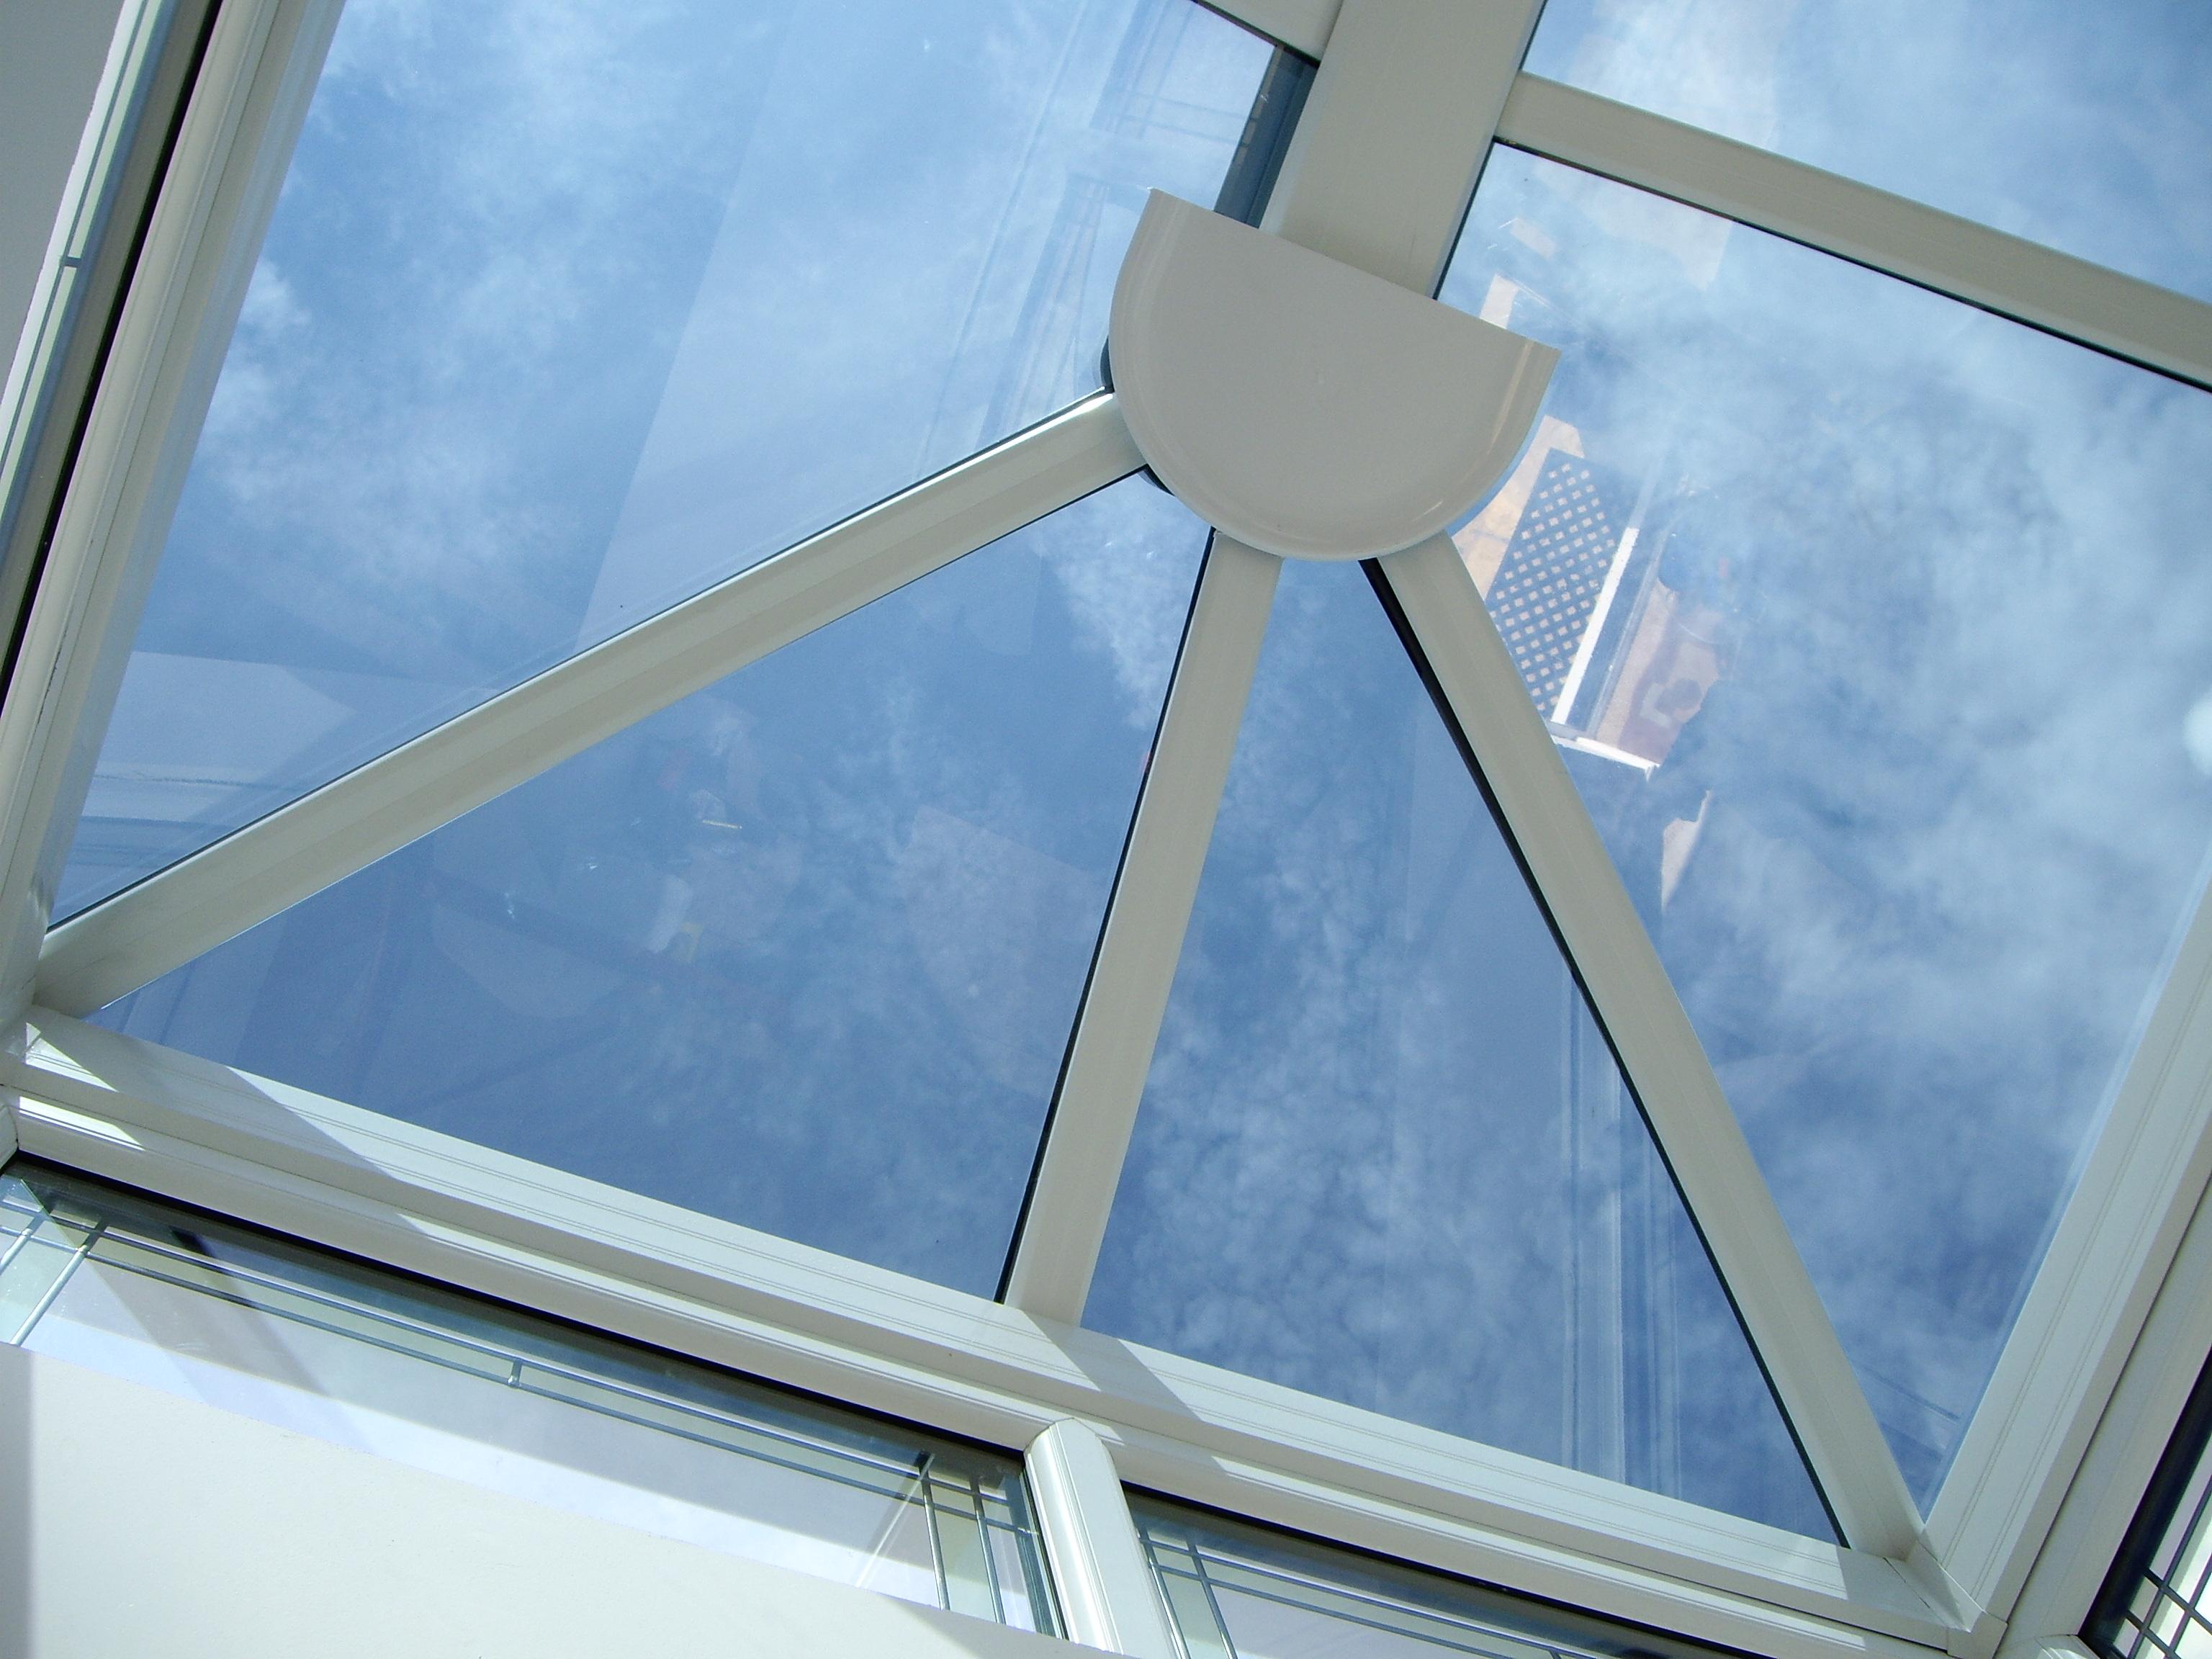 Torquay Lantern glass roof Dual 15 solar window film Tinting Express Ltd